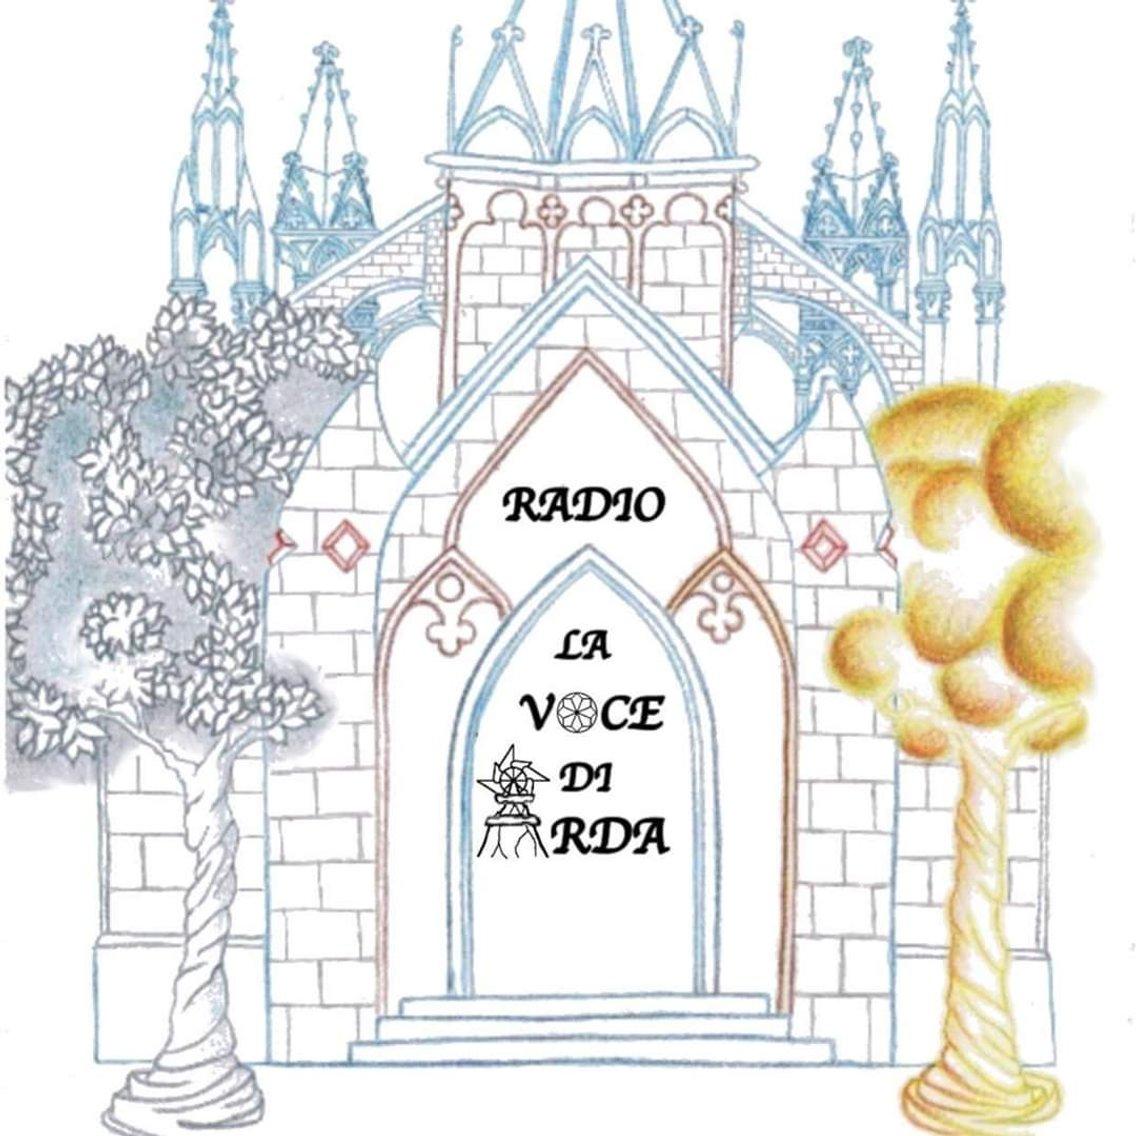 Radio  La Voce Di Arda - immagine di copertina